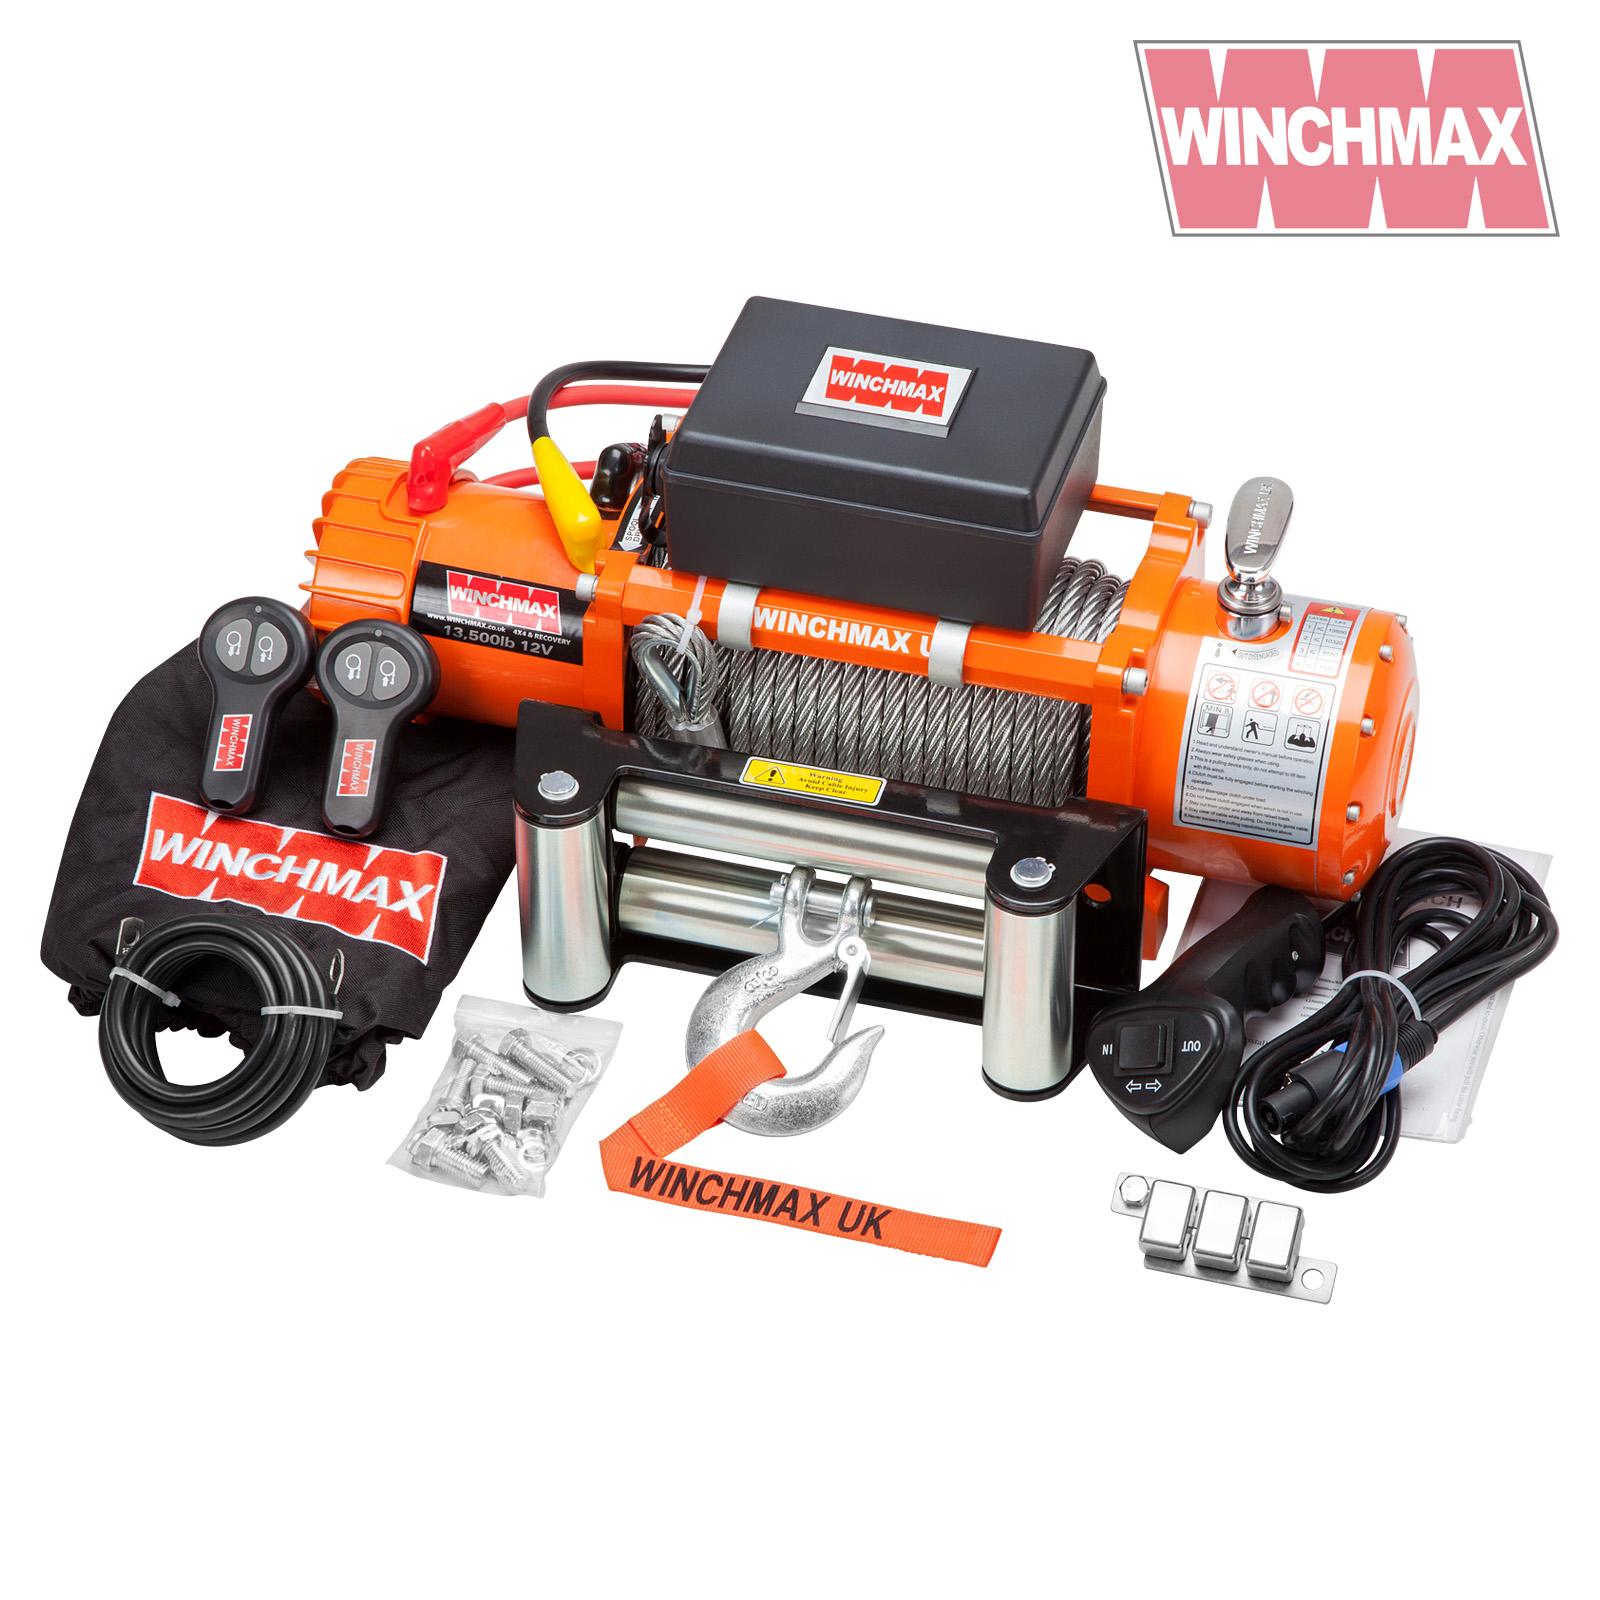 Wm1350012v winchmax 524